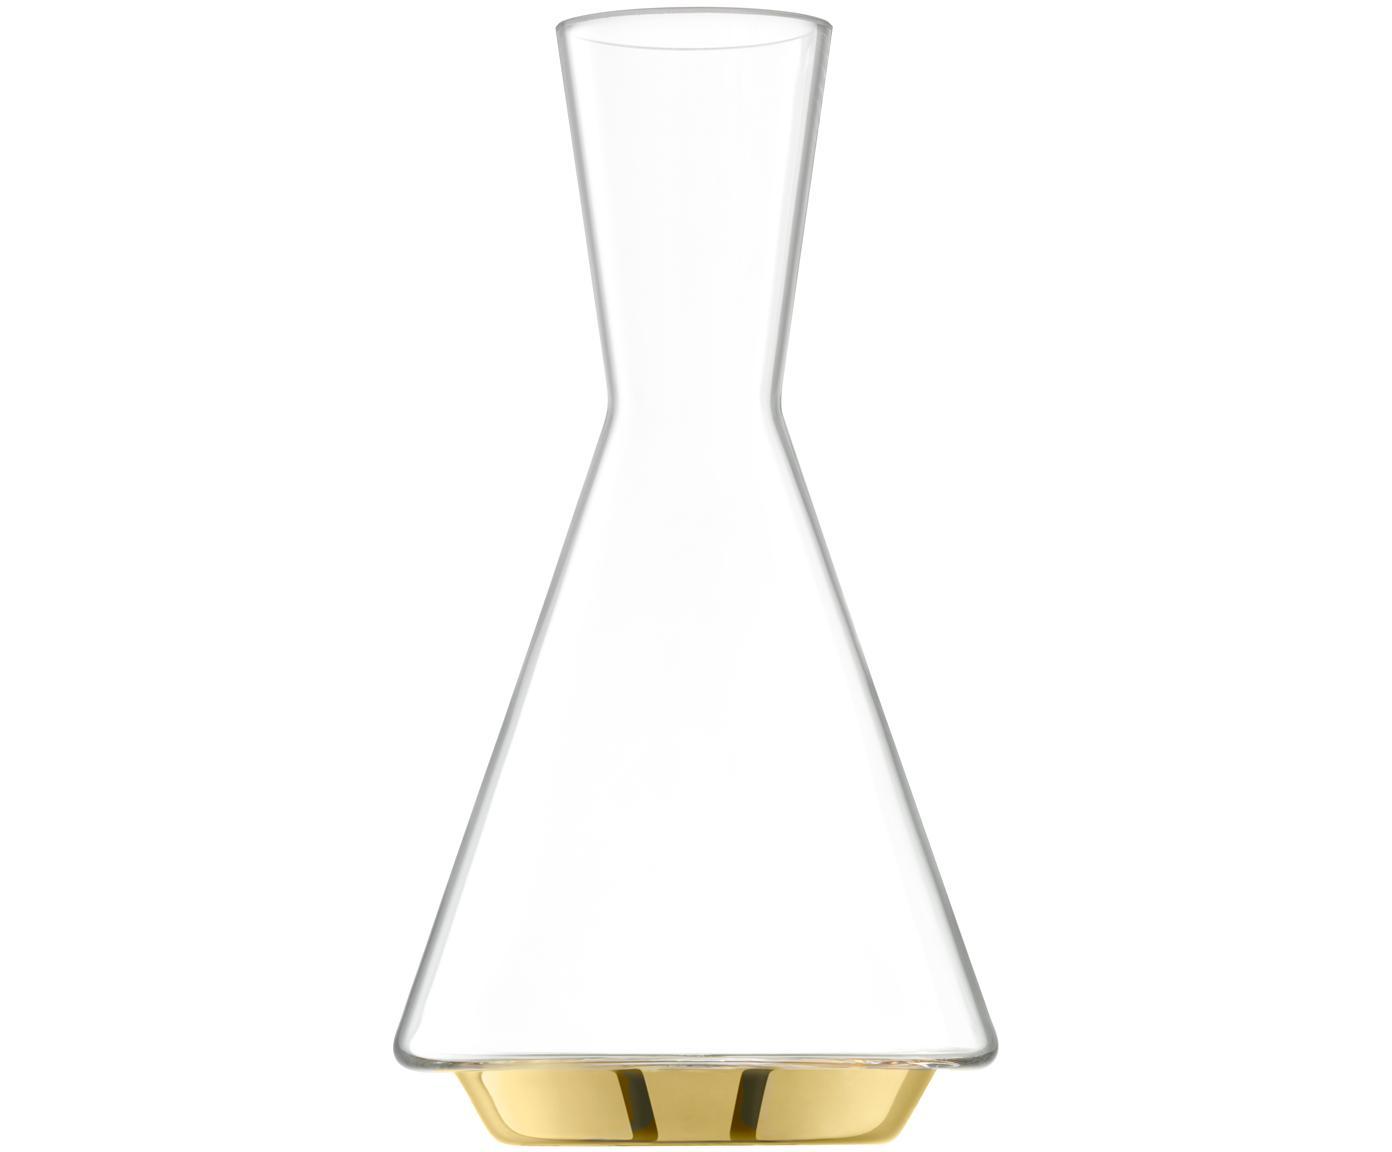 Jarra de vidrio soplado Space, Vidrio, Transparente, dorado, 1.6 L